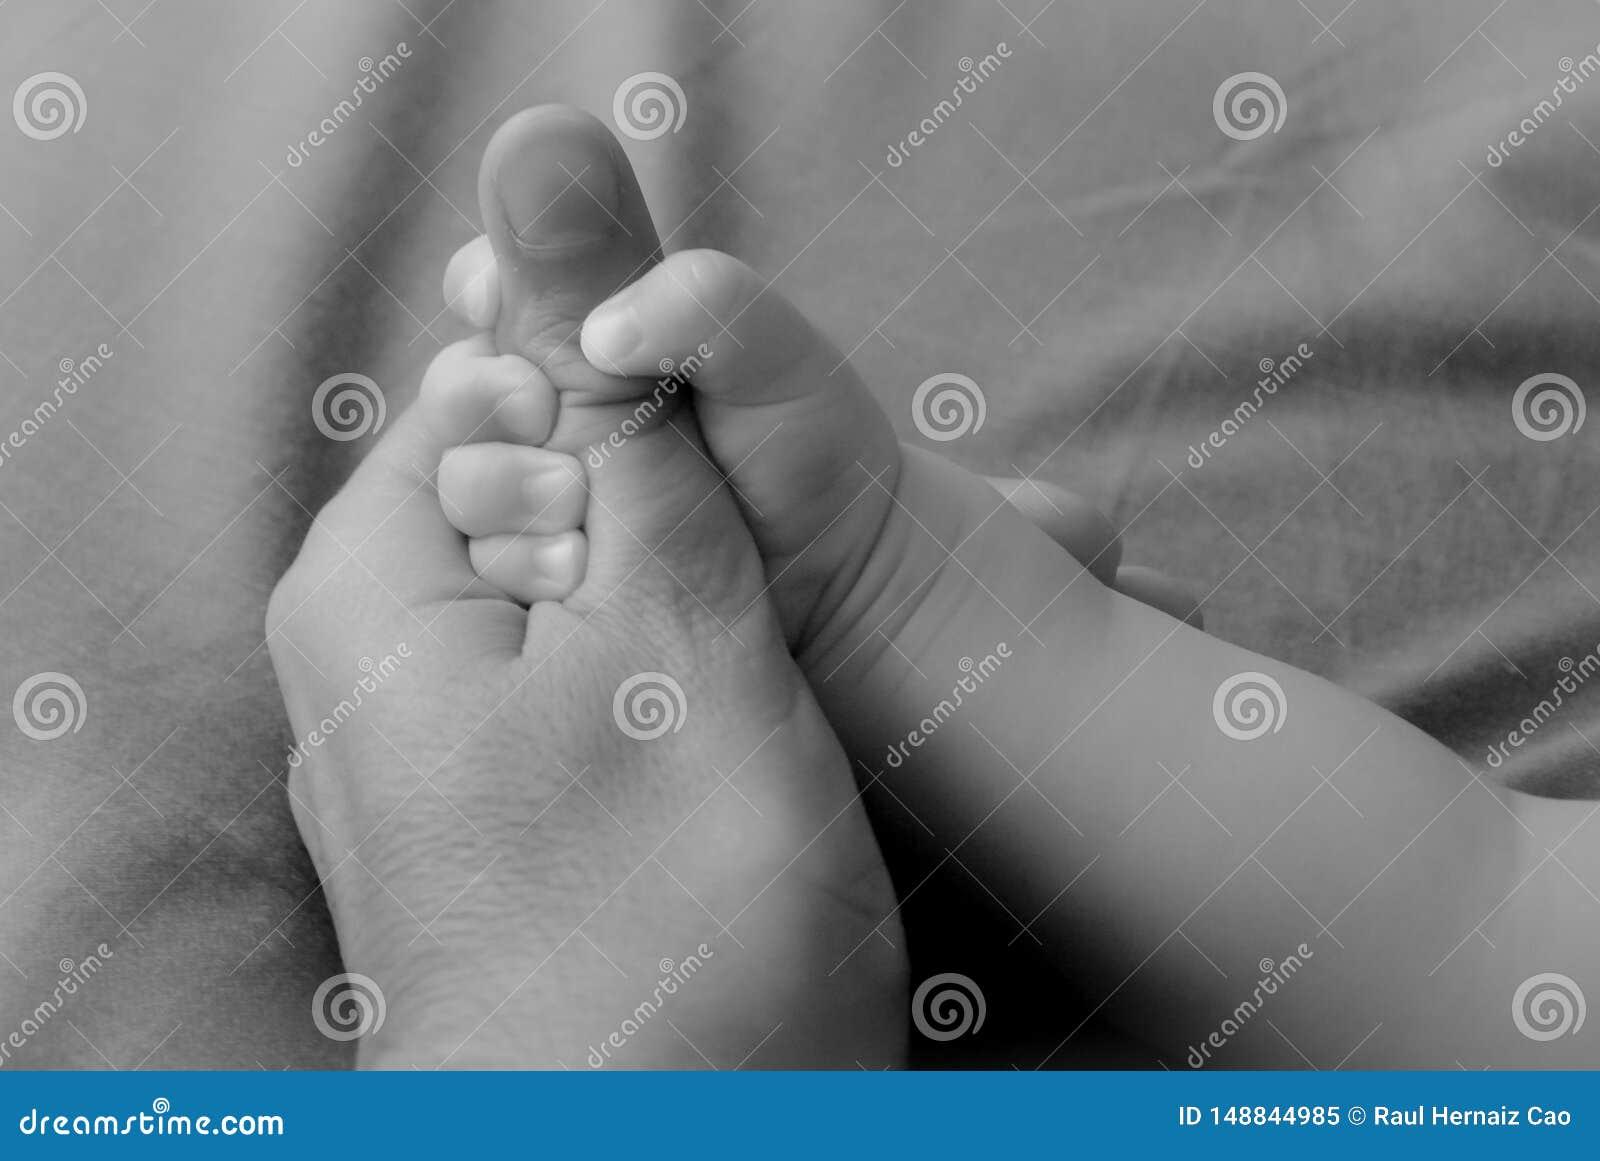 联合的标志在父亲和儿子之间的 孩子握父亲的拇指用他的手